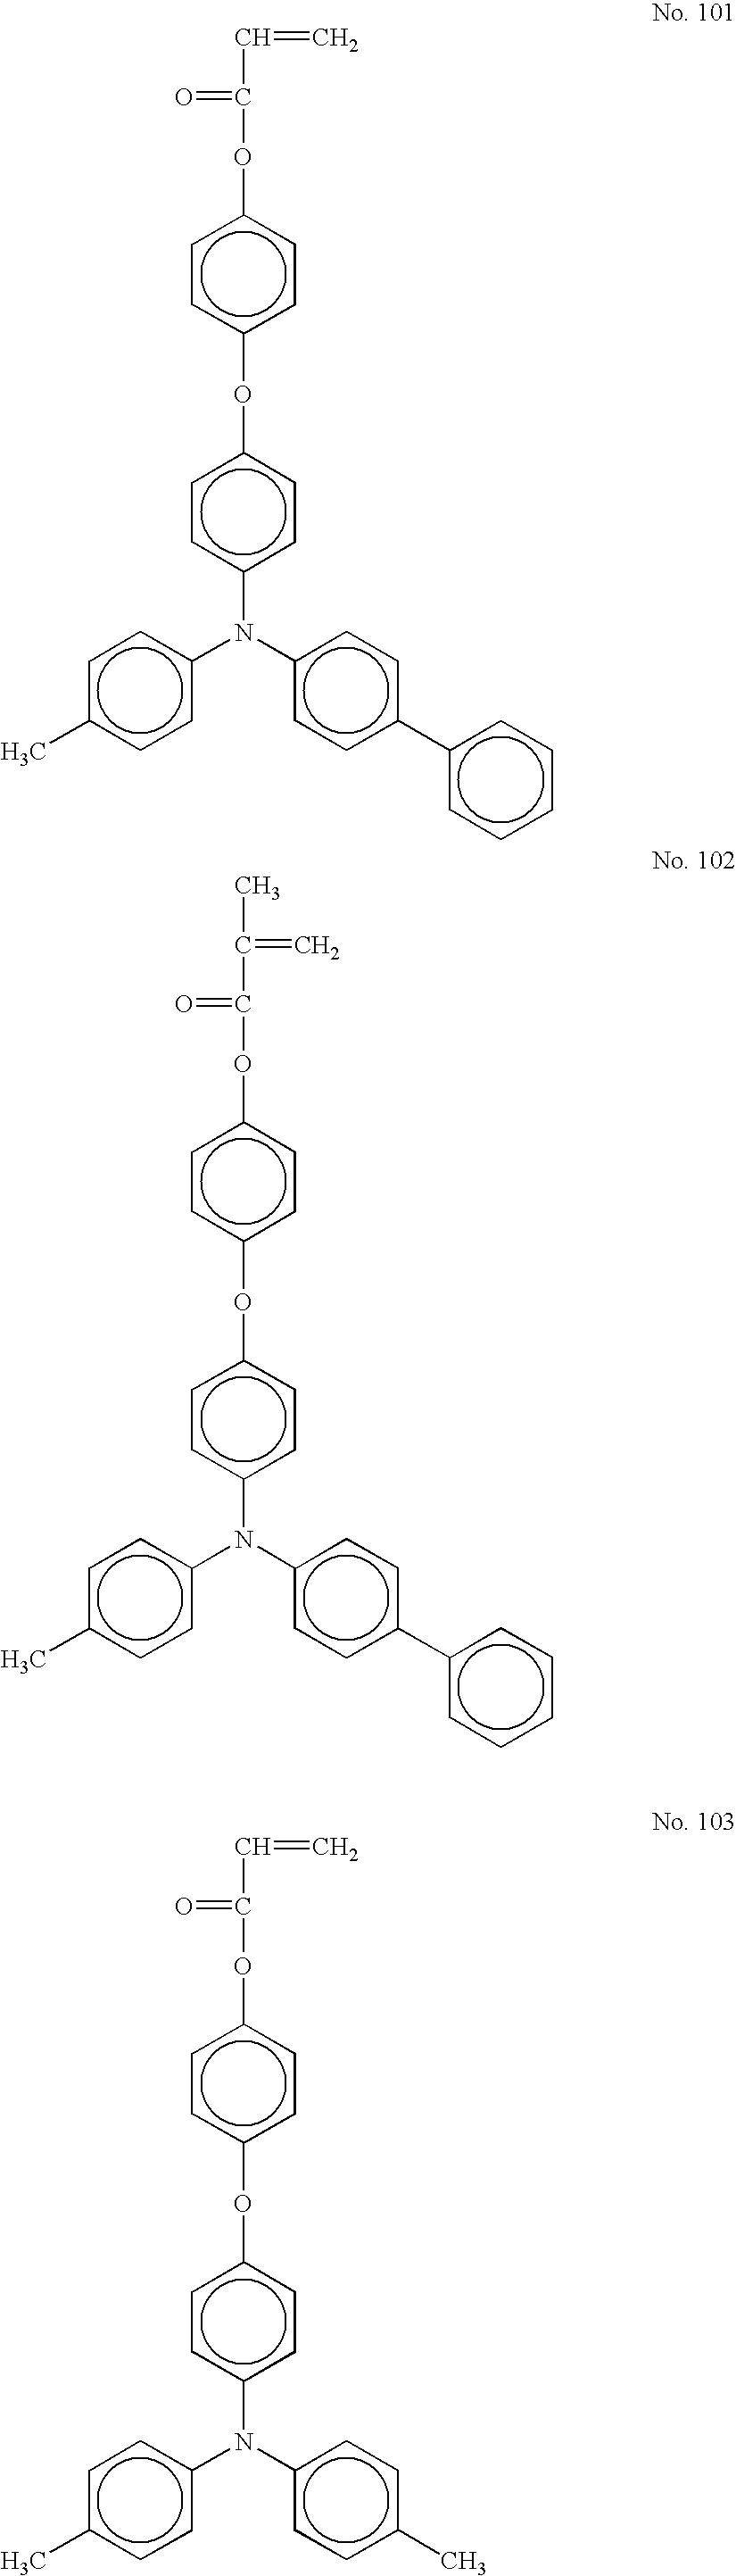 Figure US20050175911A1-20050811-C00036